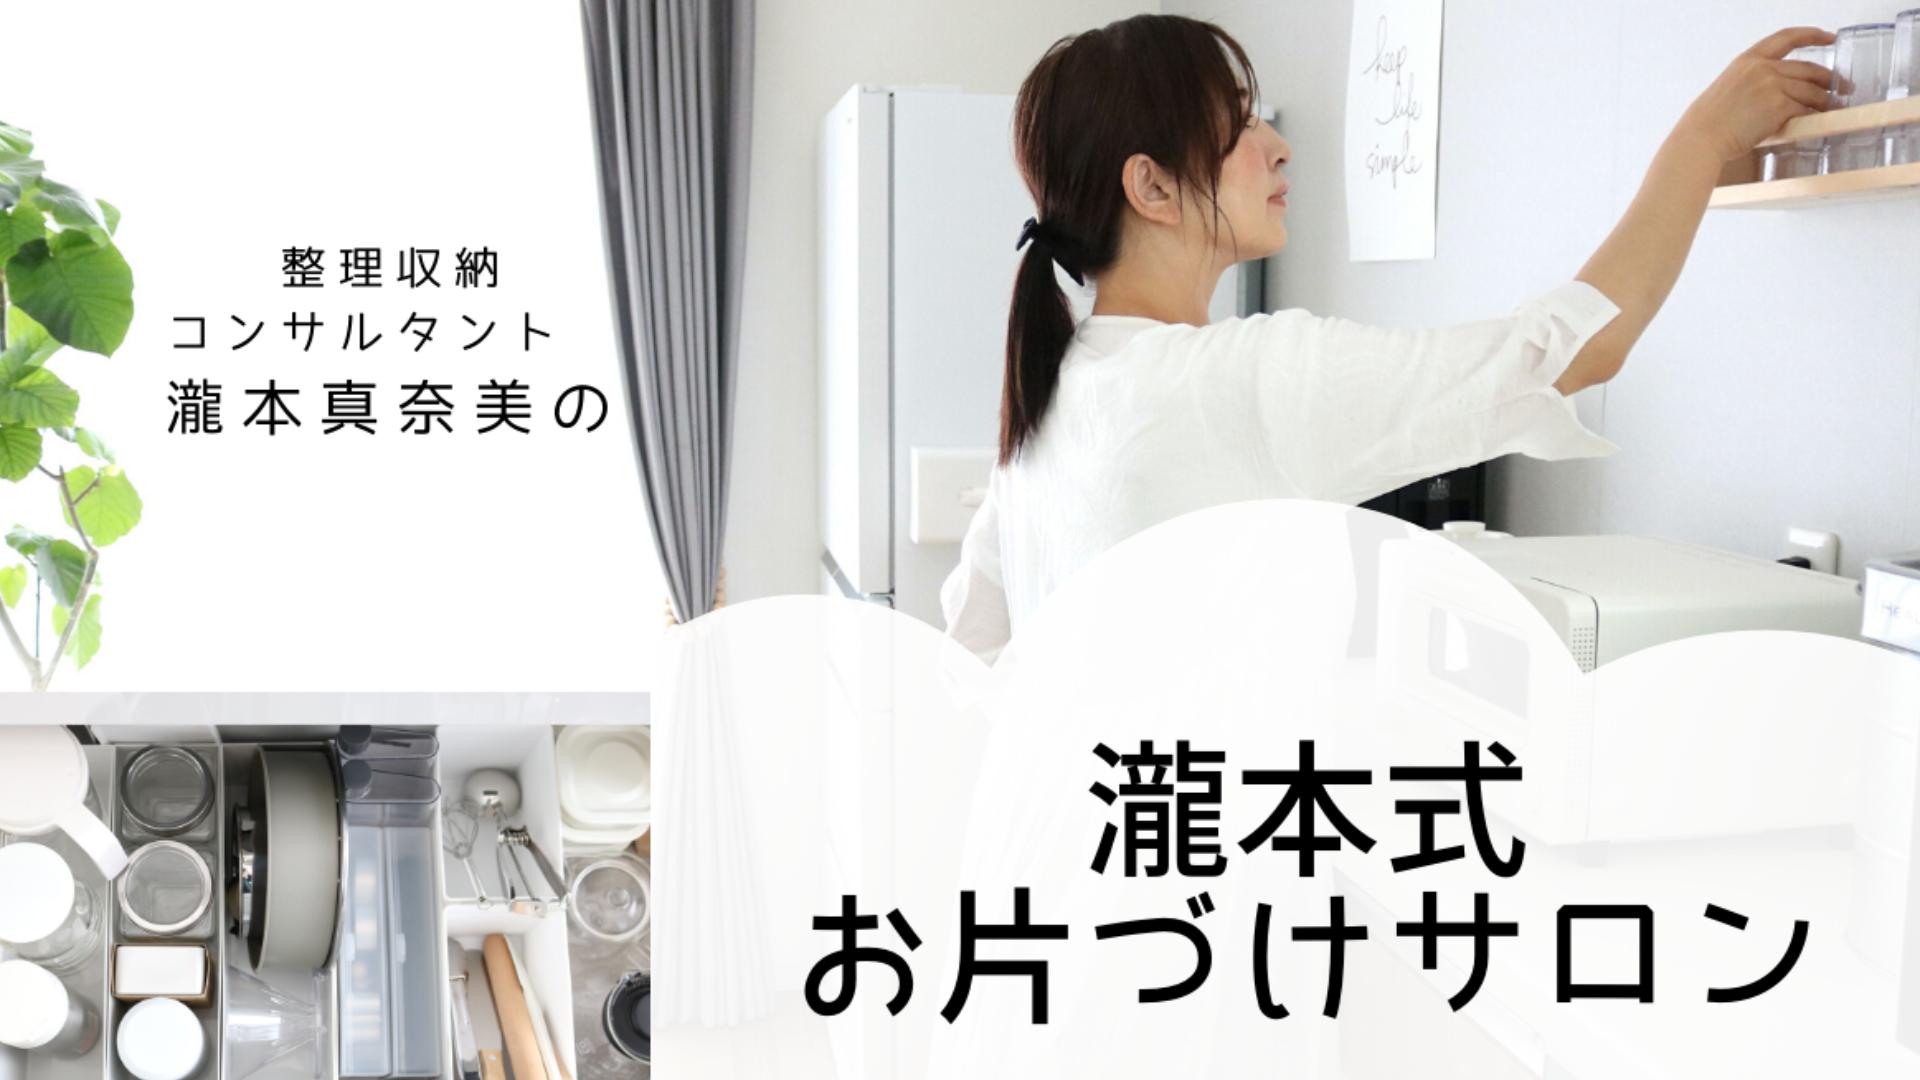 瀧本真奈美 - 瀧本式 お片づけサロン - DMM オンラインサロン